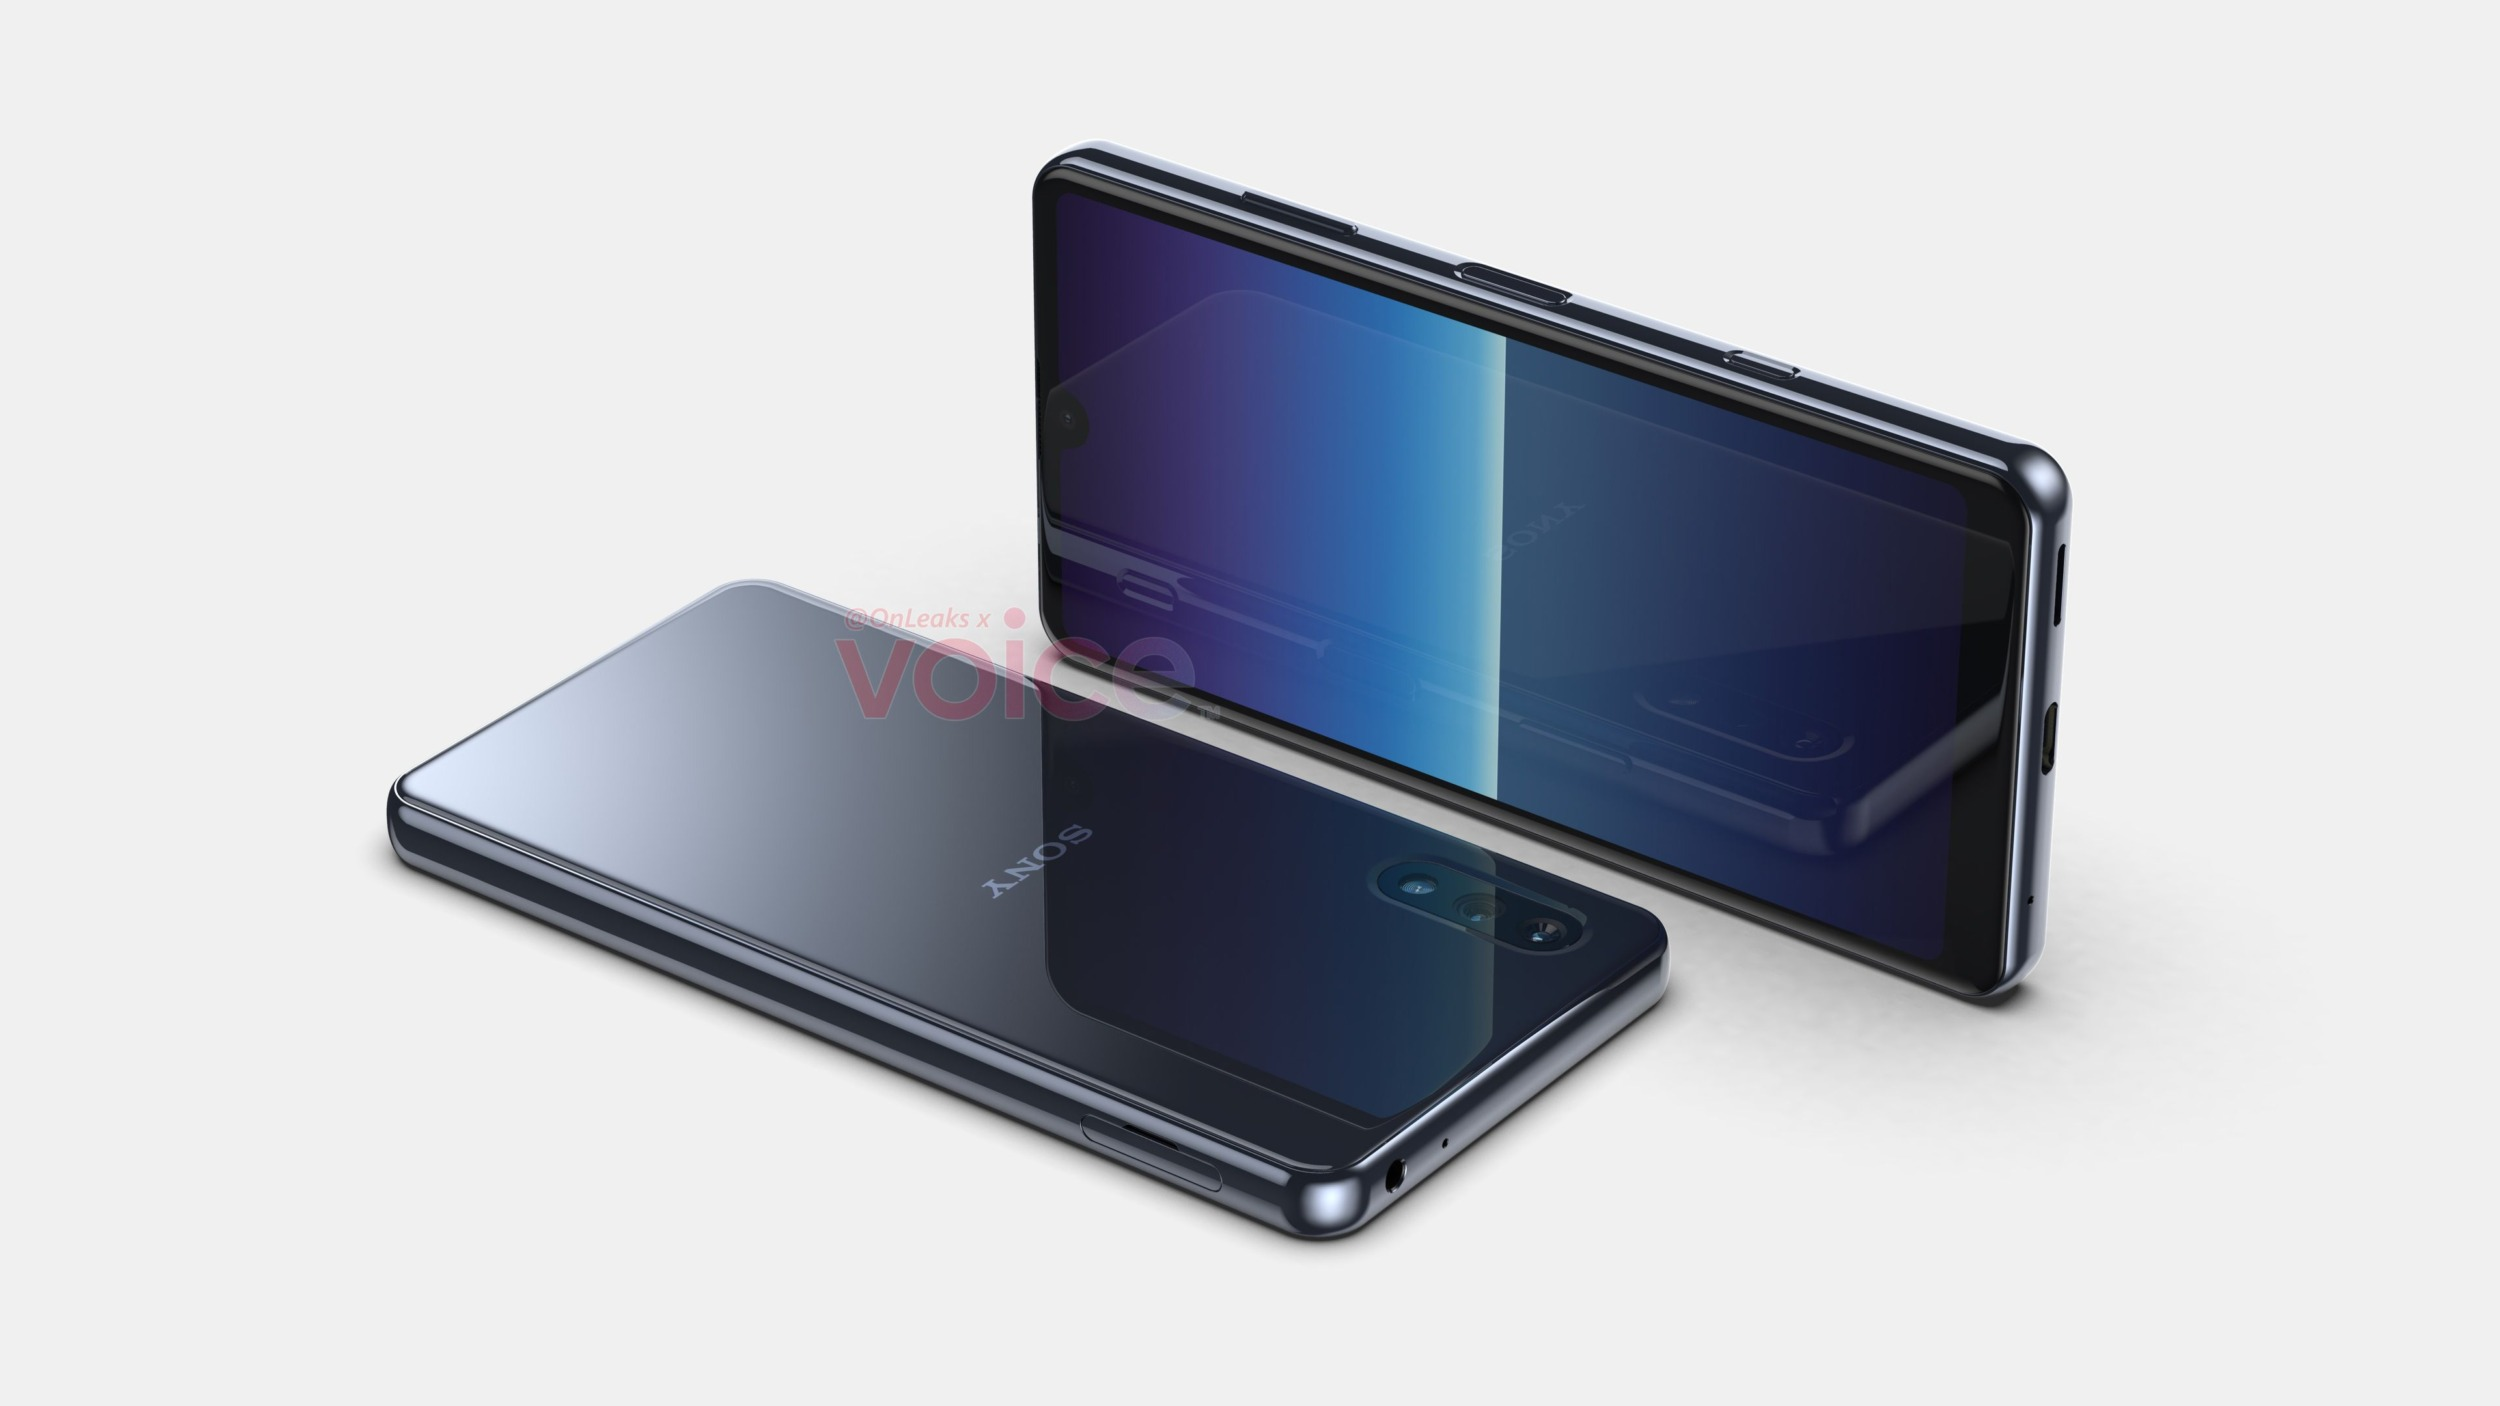 Kompaktní Sony Xperia získává název a upřesňuje použitý procesor